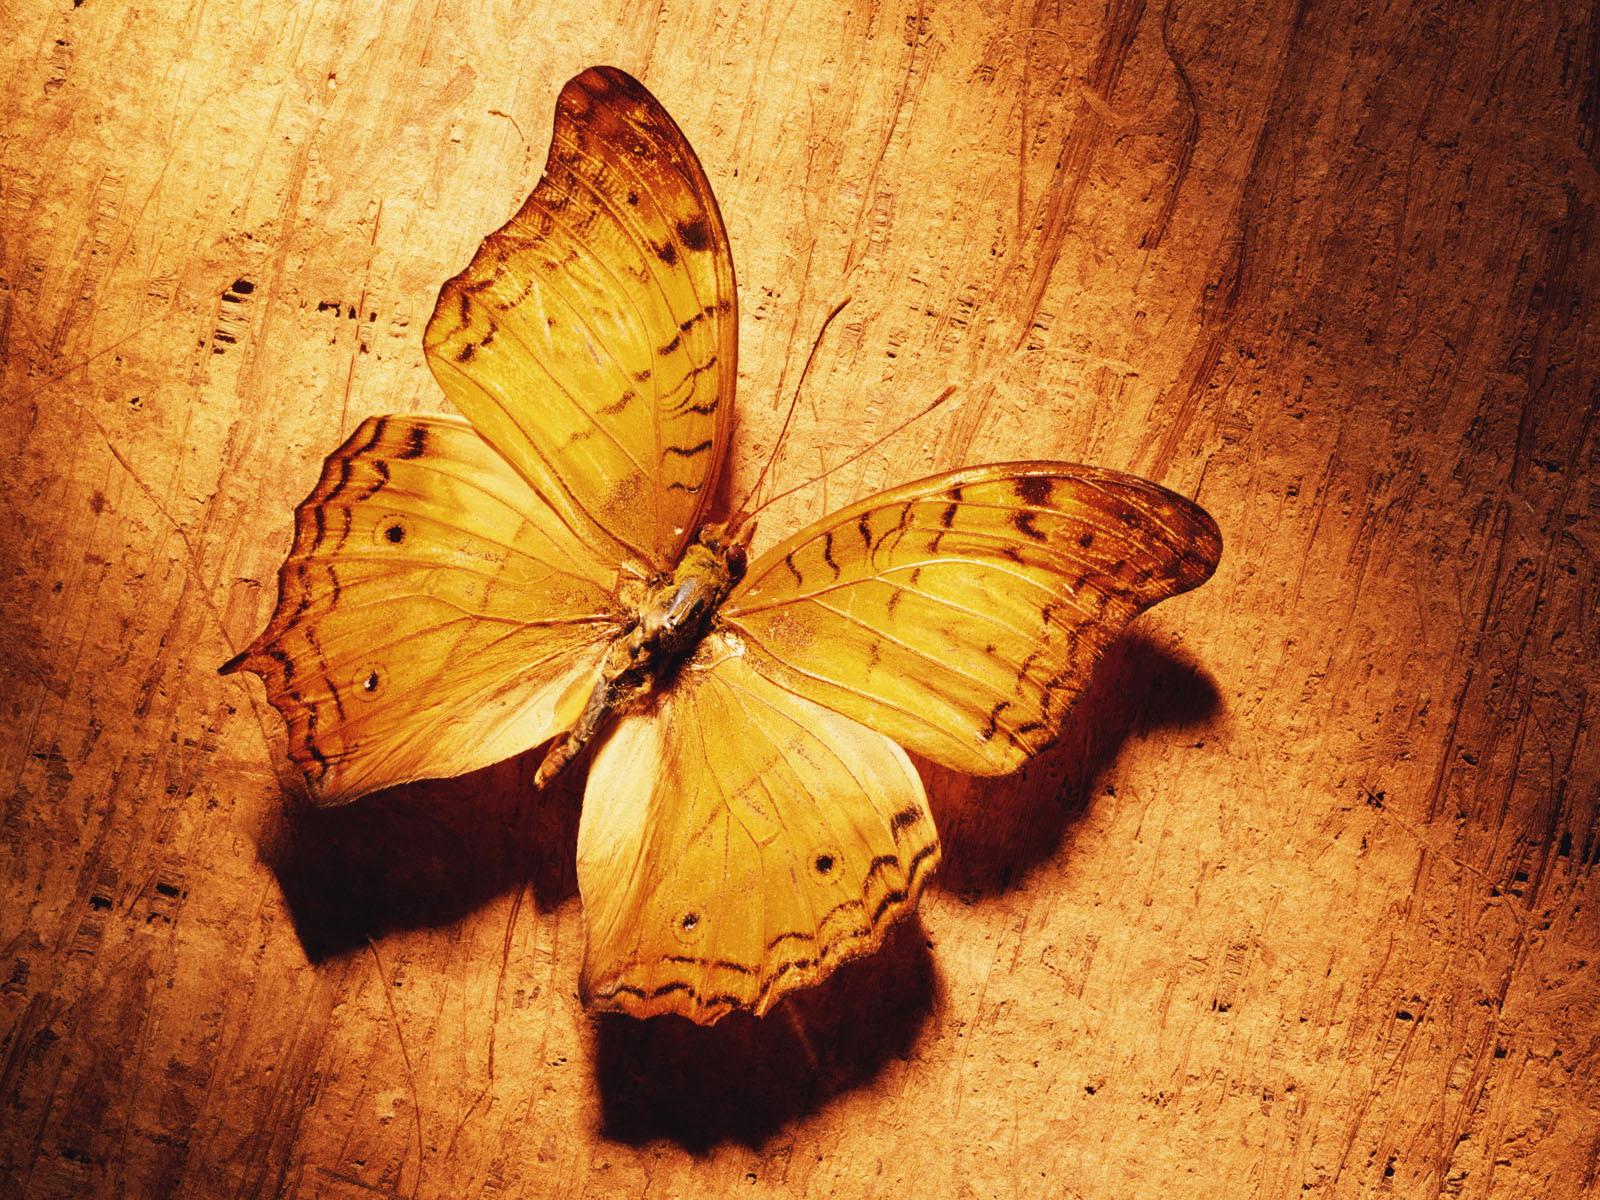 http://2.bp.blogspot.com/-KmWd99RKztg/UHr3shH6qZI/AAAAAAAAIGk/DzosIH3ujBQ/s1600/butterfly3.jpg